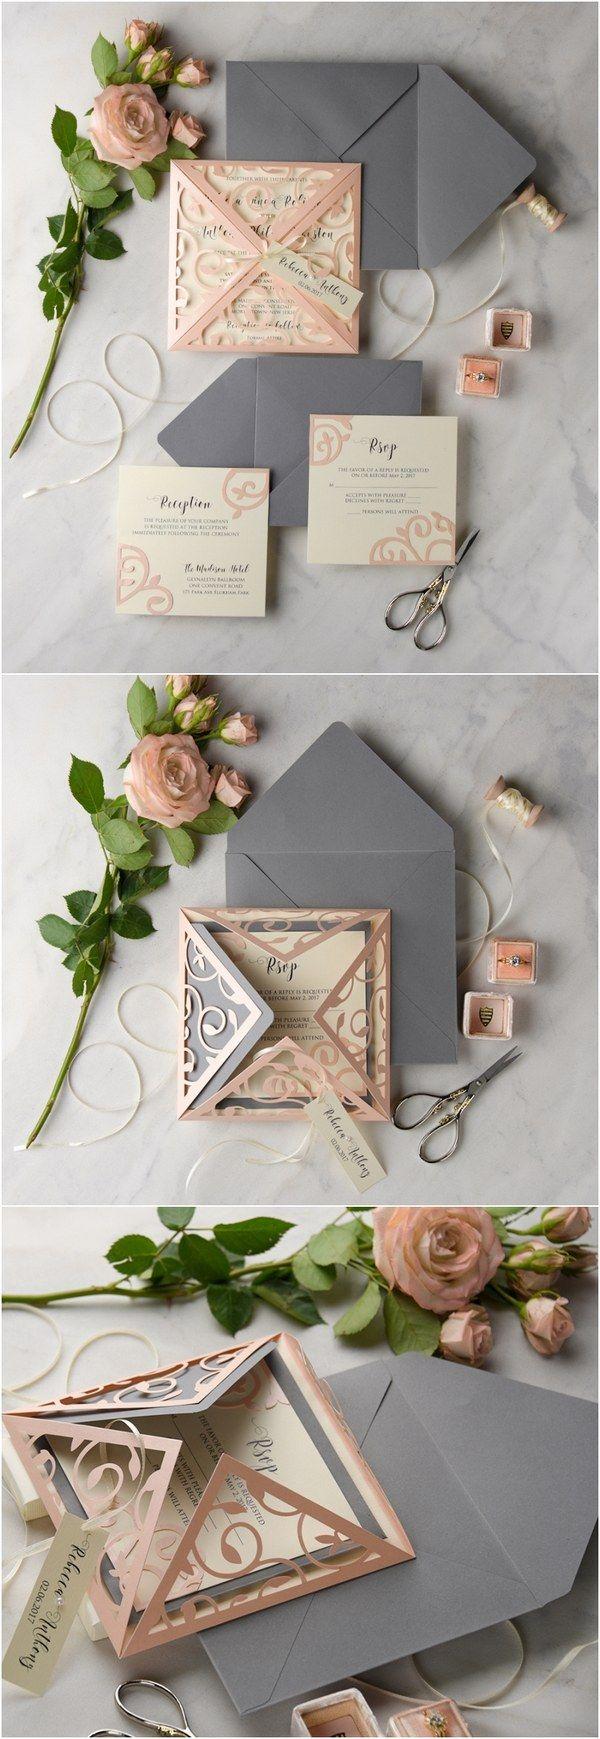 peach and grey laser cut wedding invitations 02LcutPz / http://www.deerpearlflowers.com/laser-cut-wedding-invitations/2/